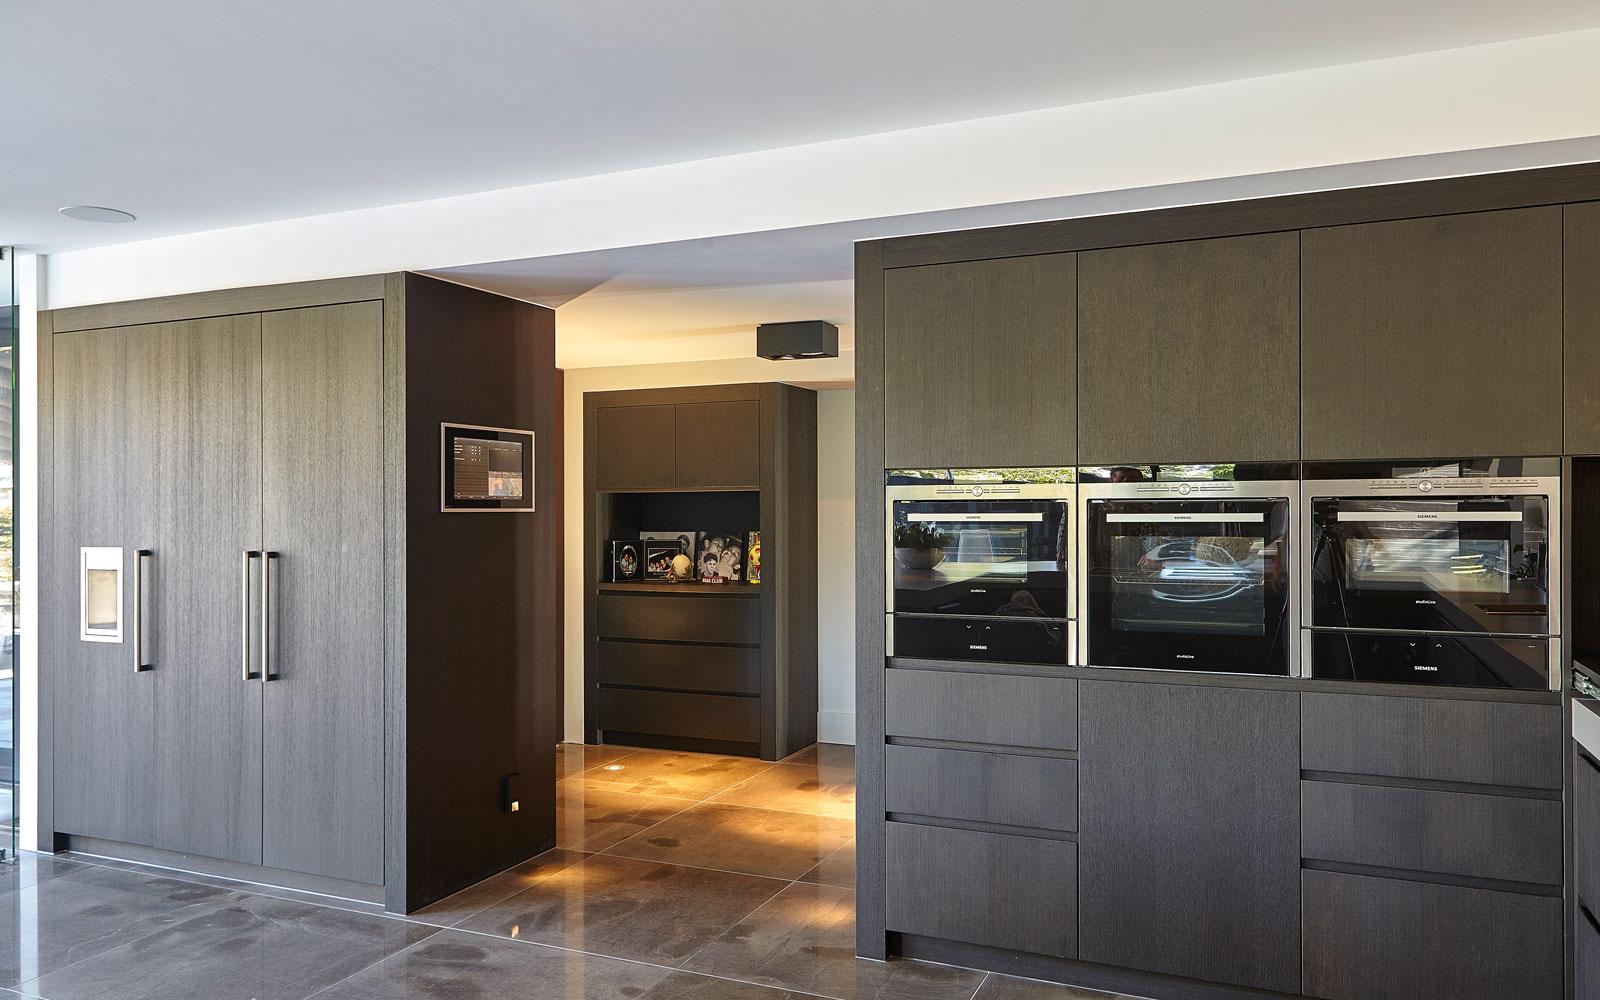 Keuken, modern, RMR Interieurbouw, maatwerk, inbouwkasten, tegels, natuursteen, Revy Stone, Ultramoderne villa, Bob Manders